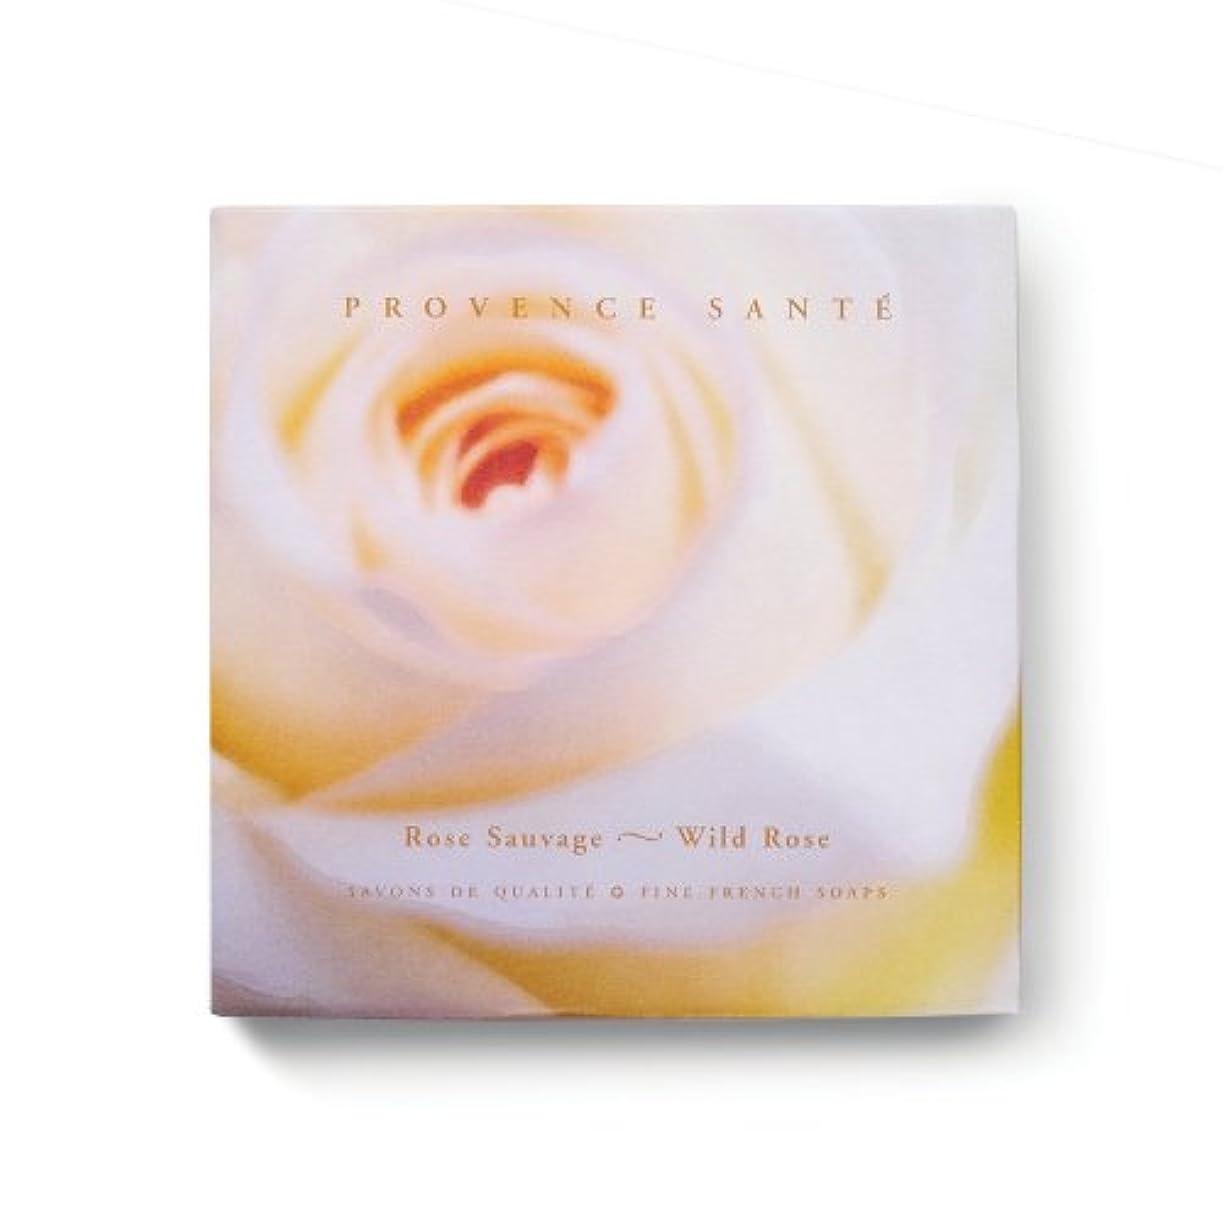 未満荒れ地脆いProvence Sante PS Gift Soap Wild Rose, 2.7oz 4 Bar Gift Box by Provence Sante [並行輸入品]